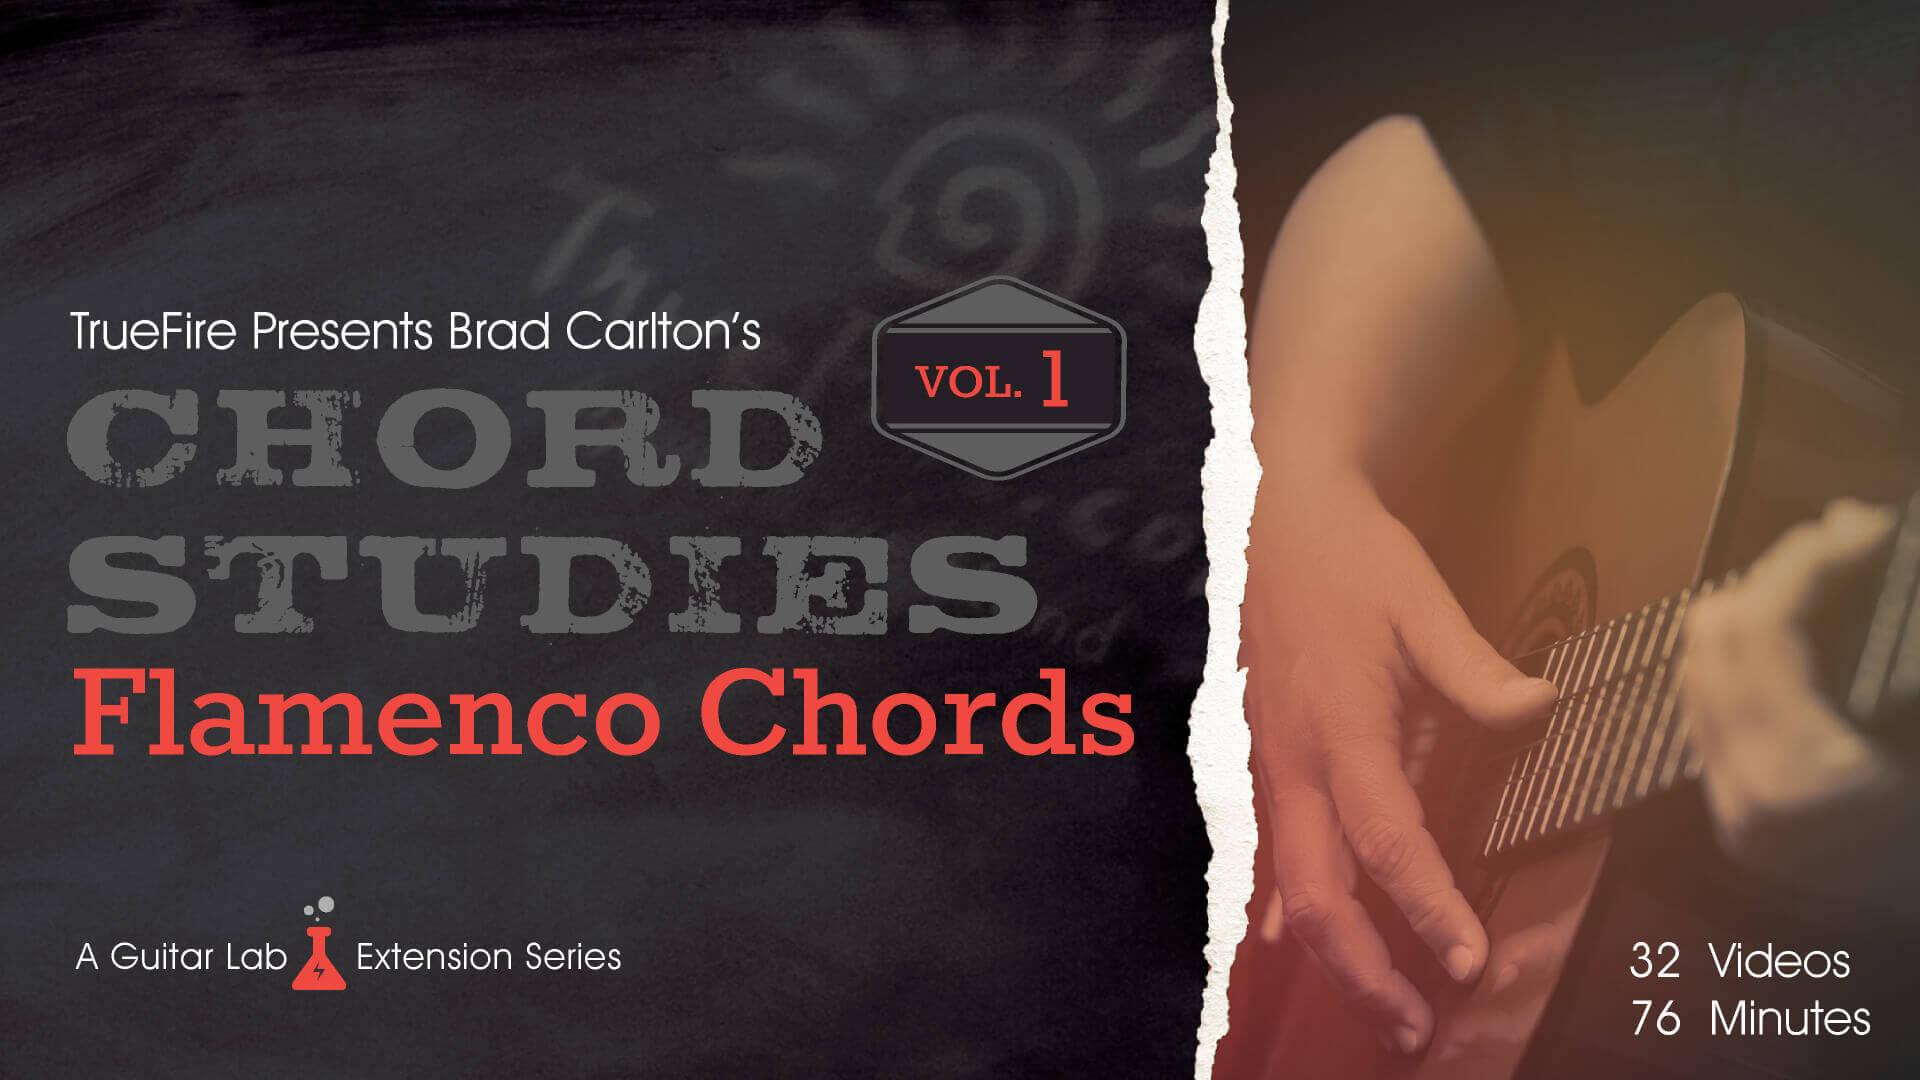 Chord Studies Flamenco Chords Vol 1 Guitar Lesson Truefire